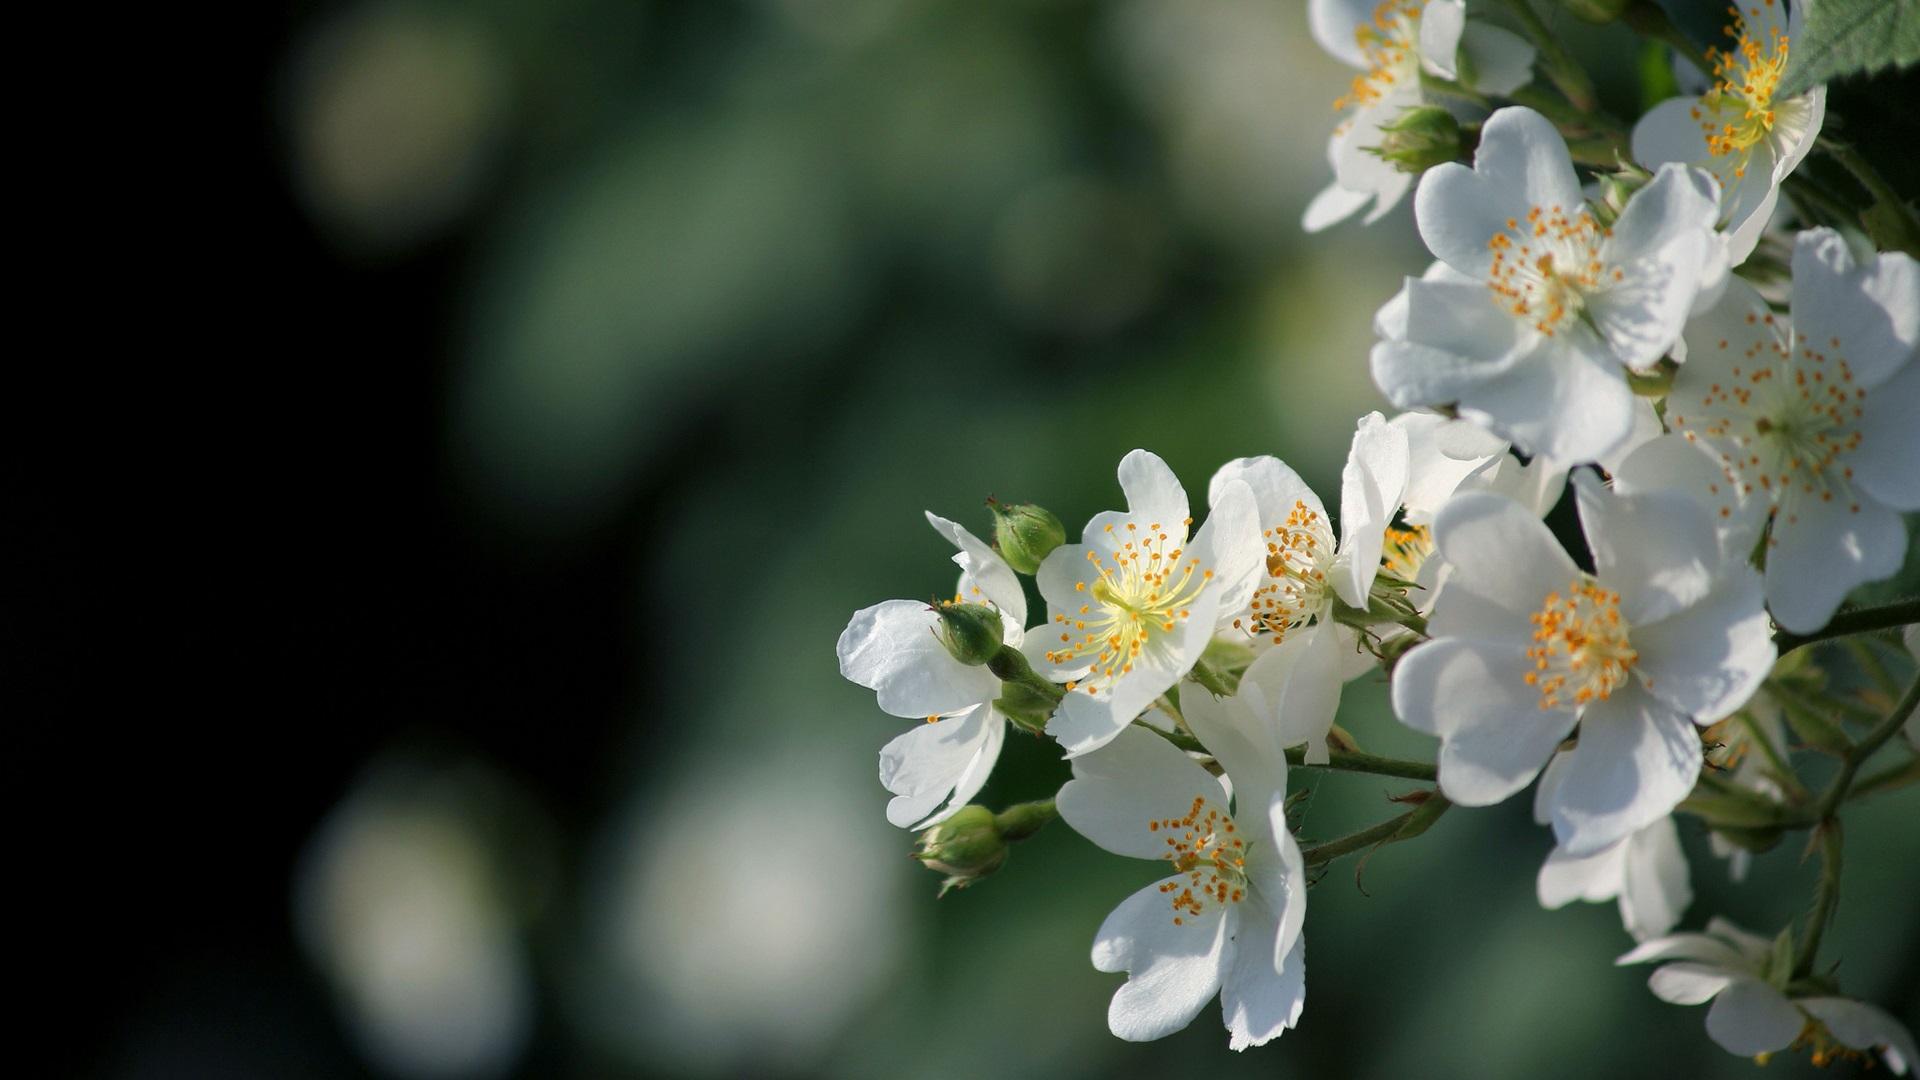 bloomed white roses wallpaper - photo #30